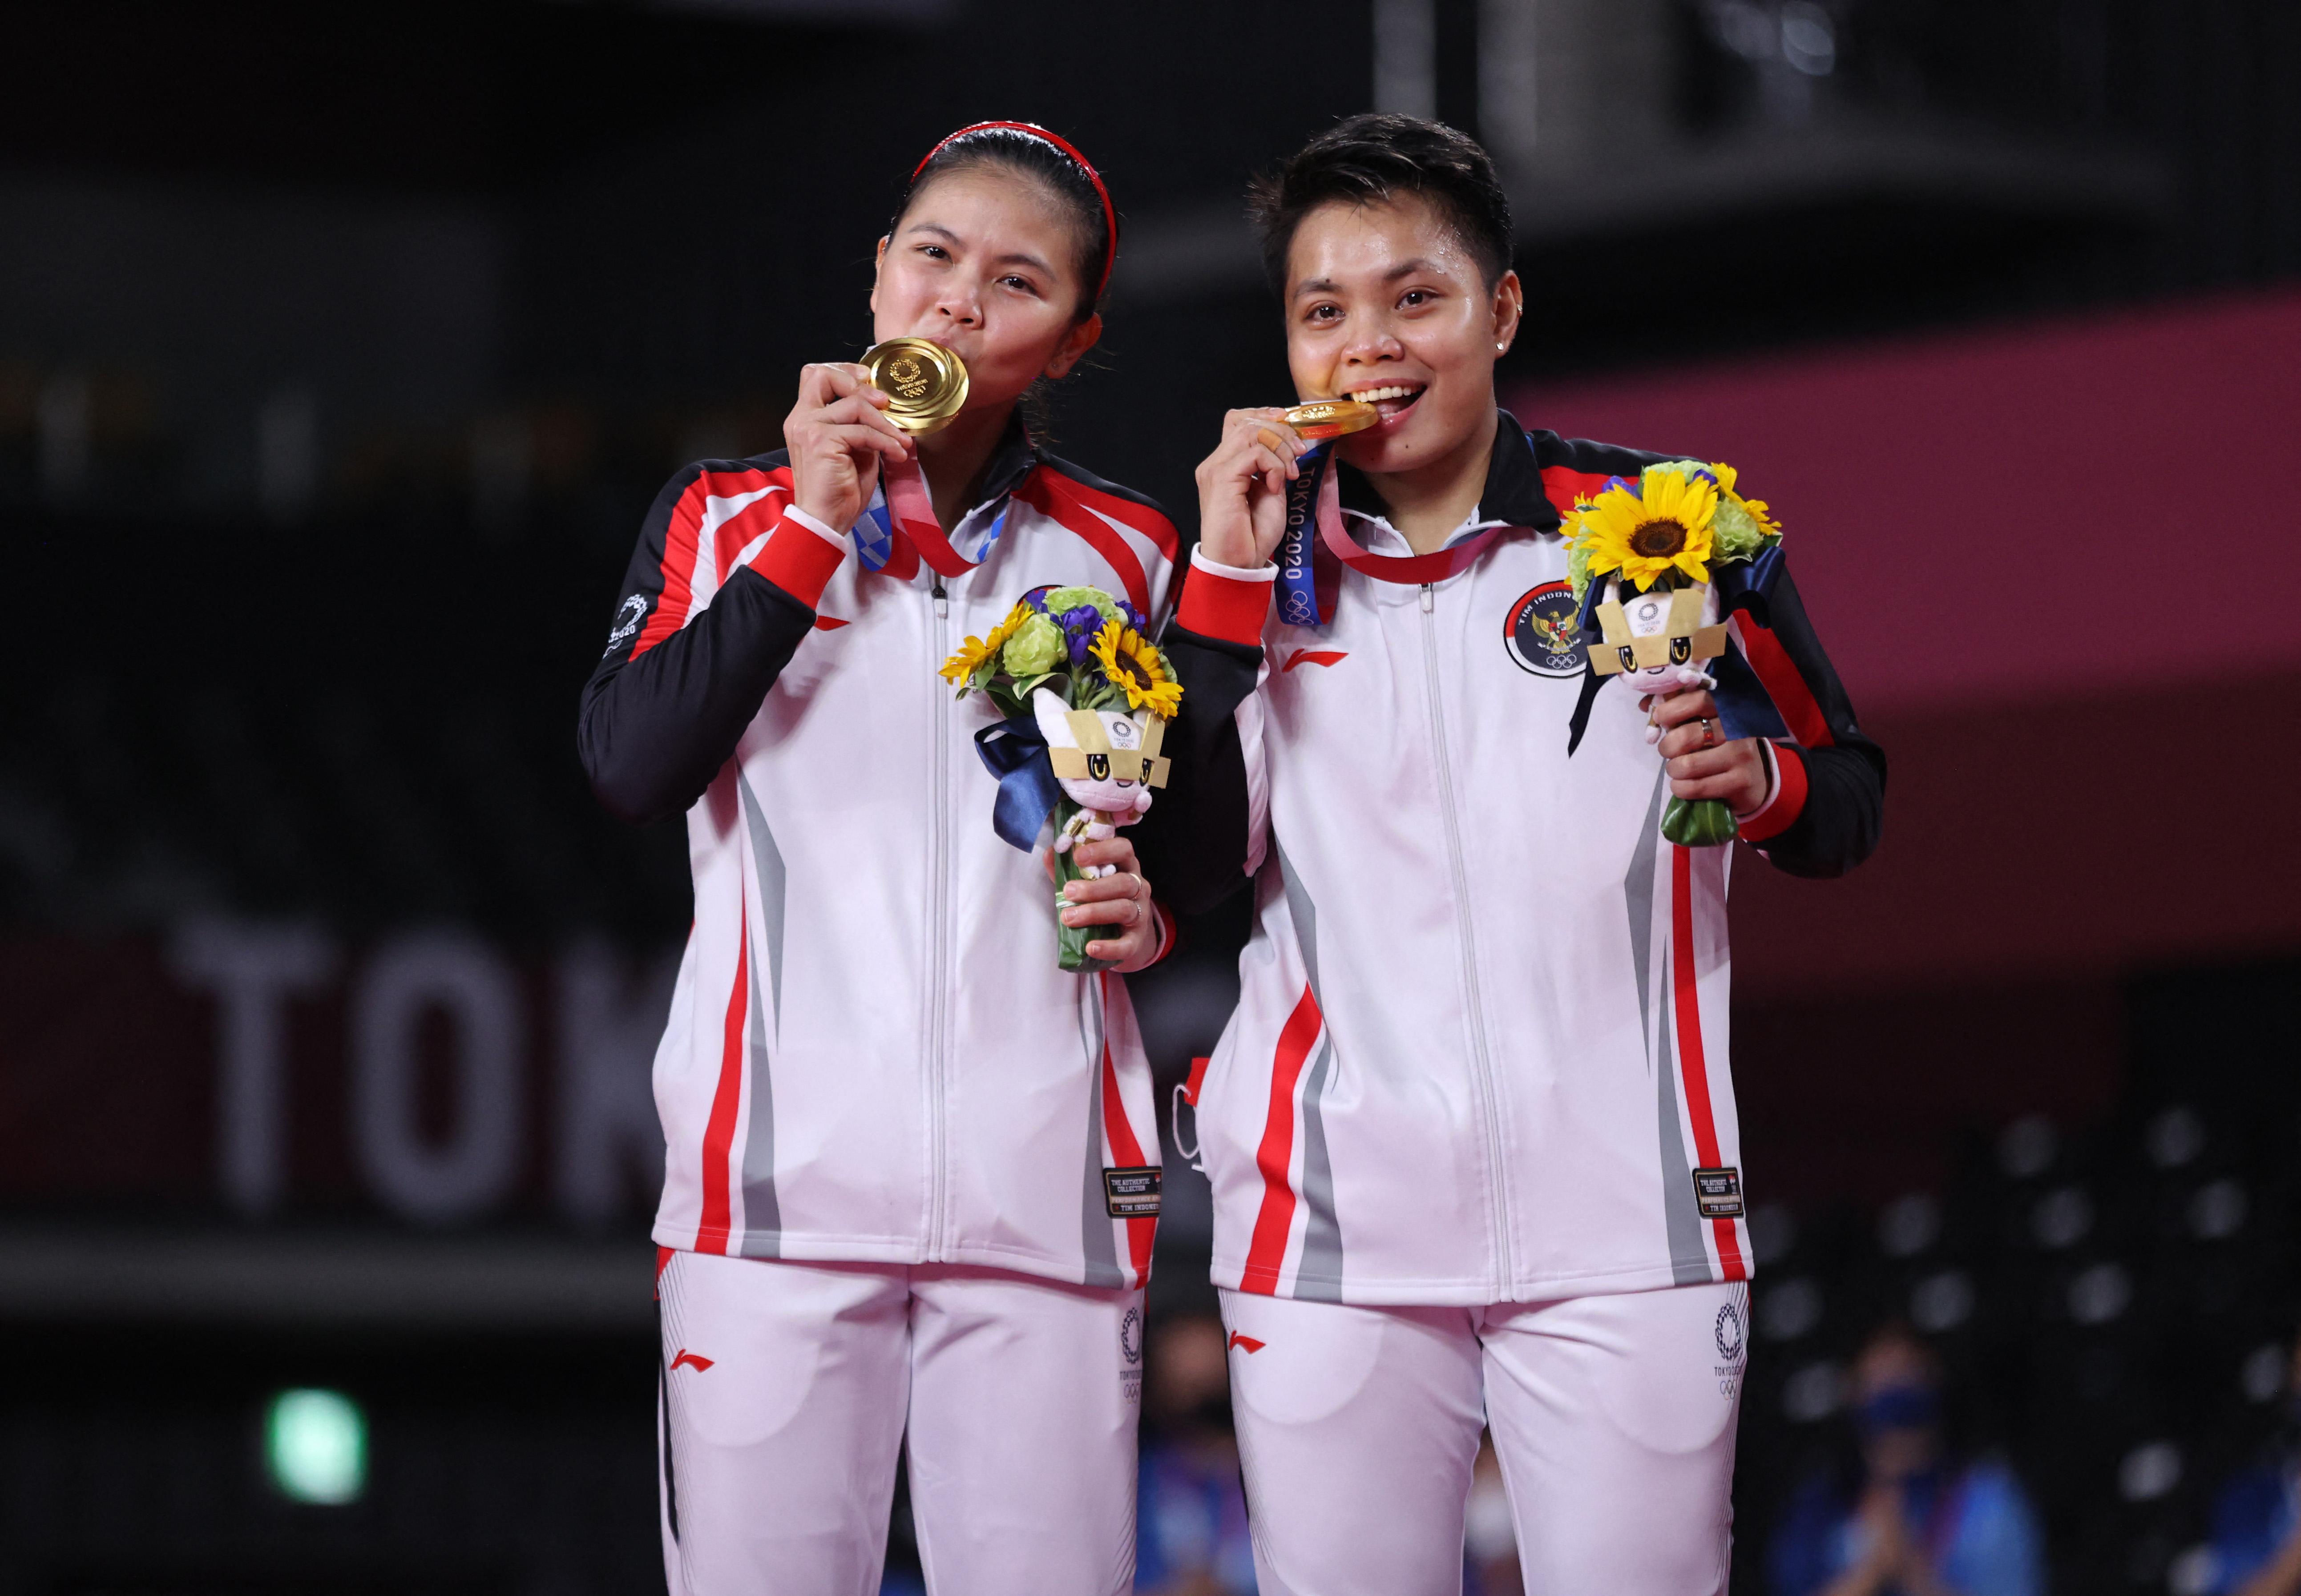 Aranyat nyertek az olimpián, ezért pénzt, teheneket és házat kaptak az indonéz tollaslabdázók